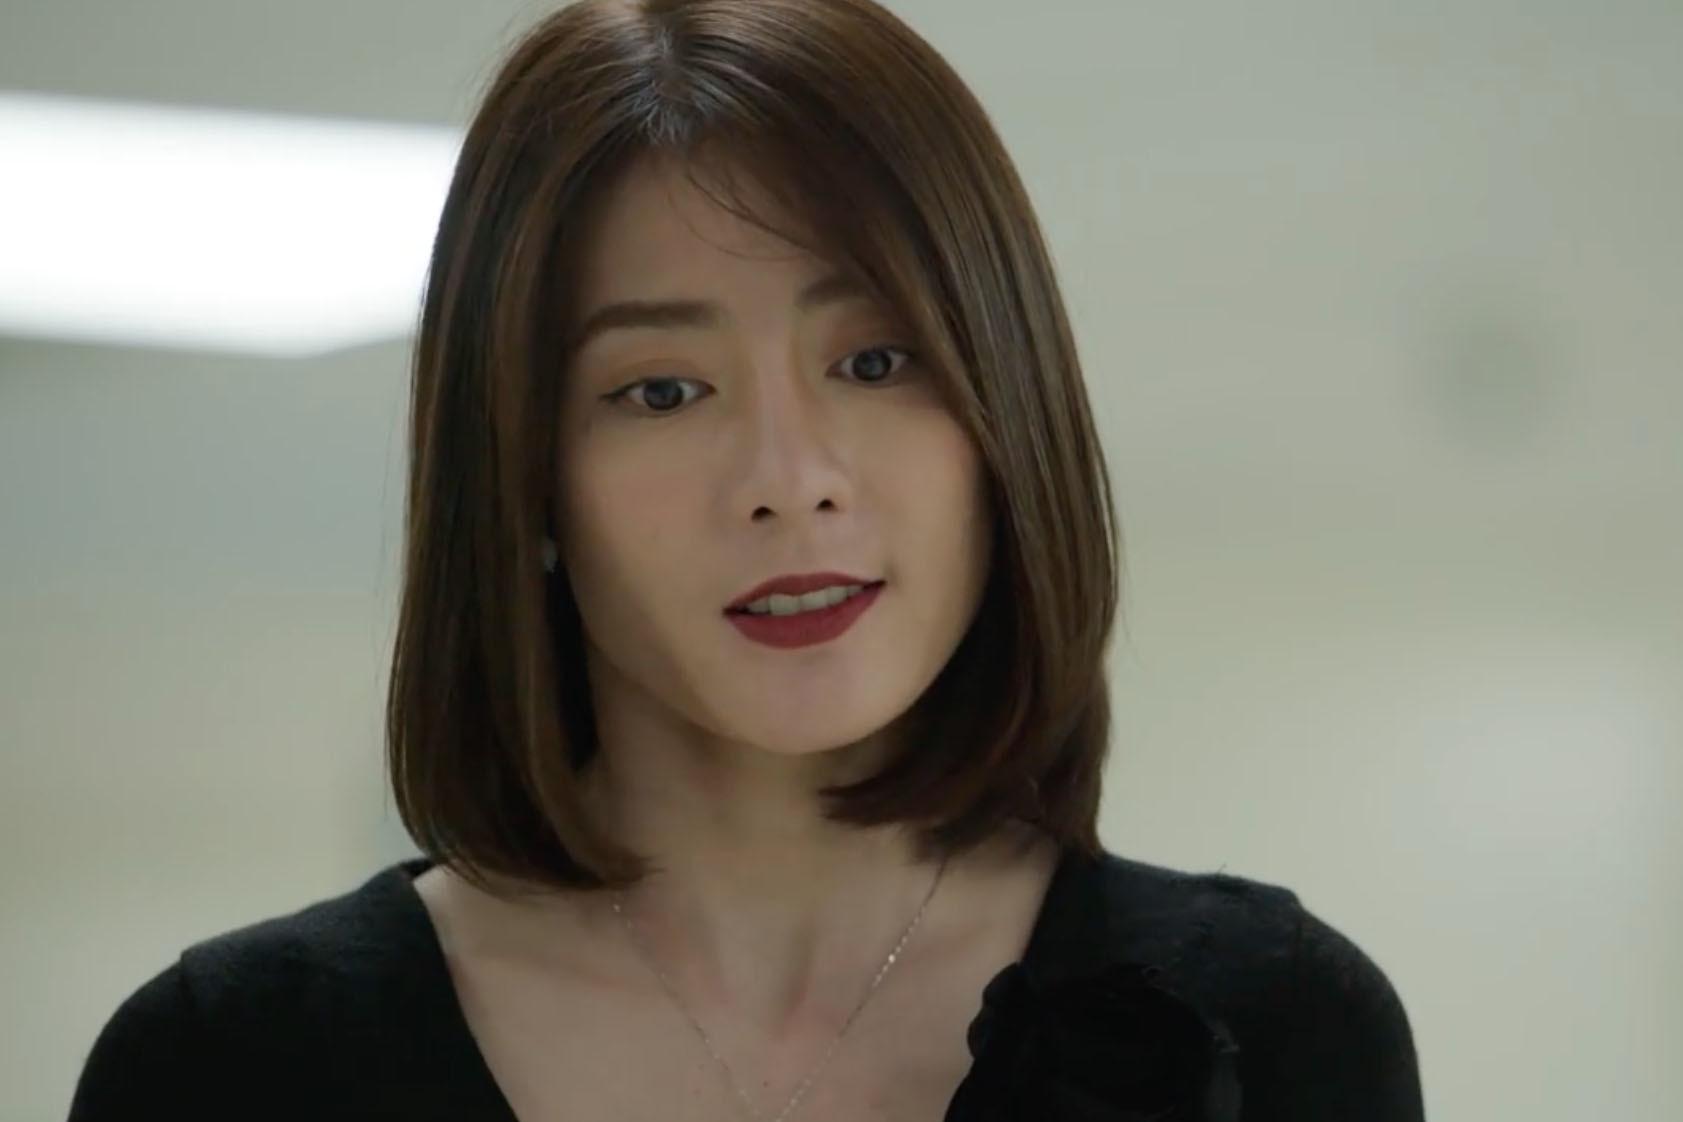 'Cây táo nở hoa' tập 10, Châu bị đánh ghen giữa bệnh viện